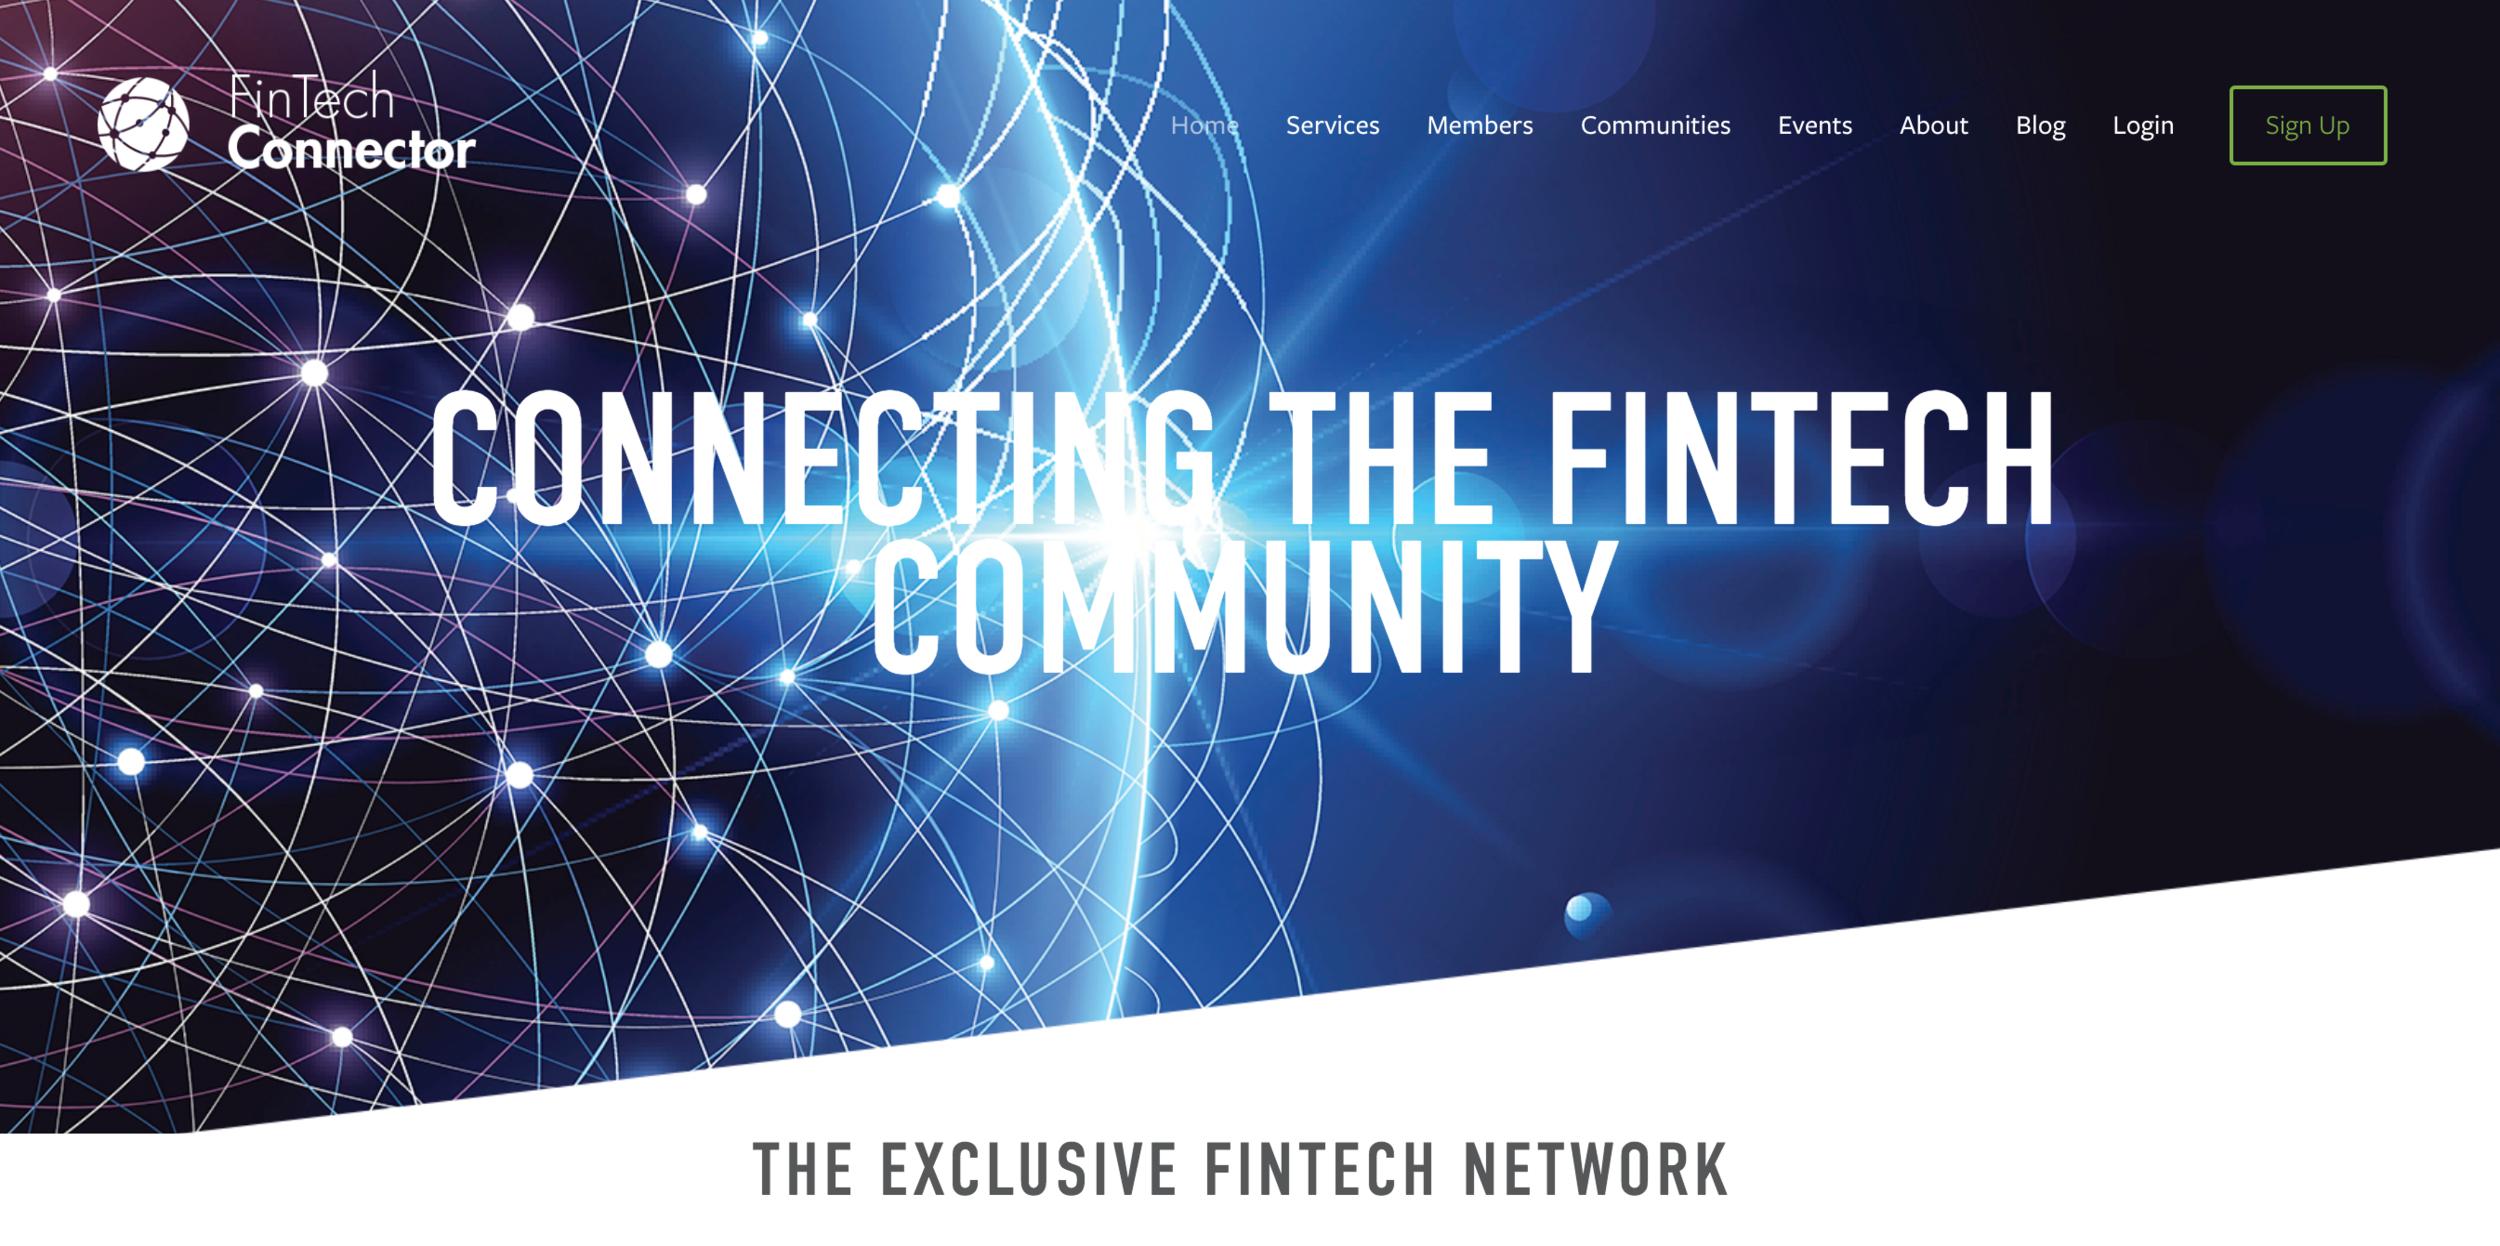 Website:  https://www.fintechconnector.com